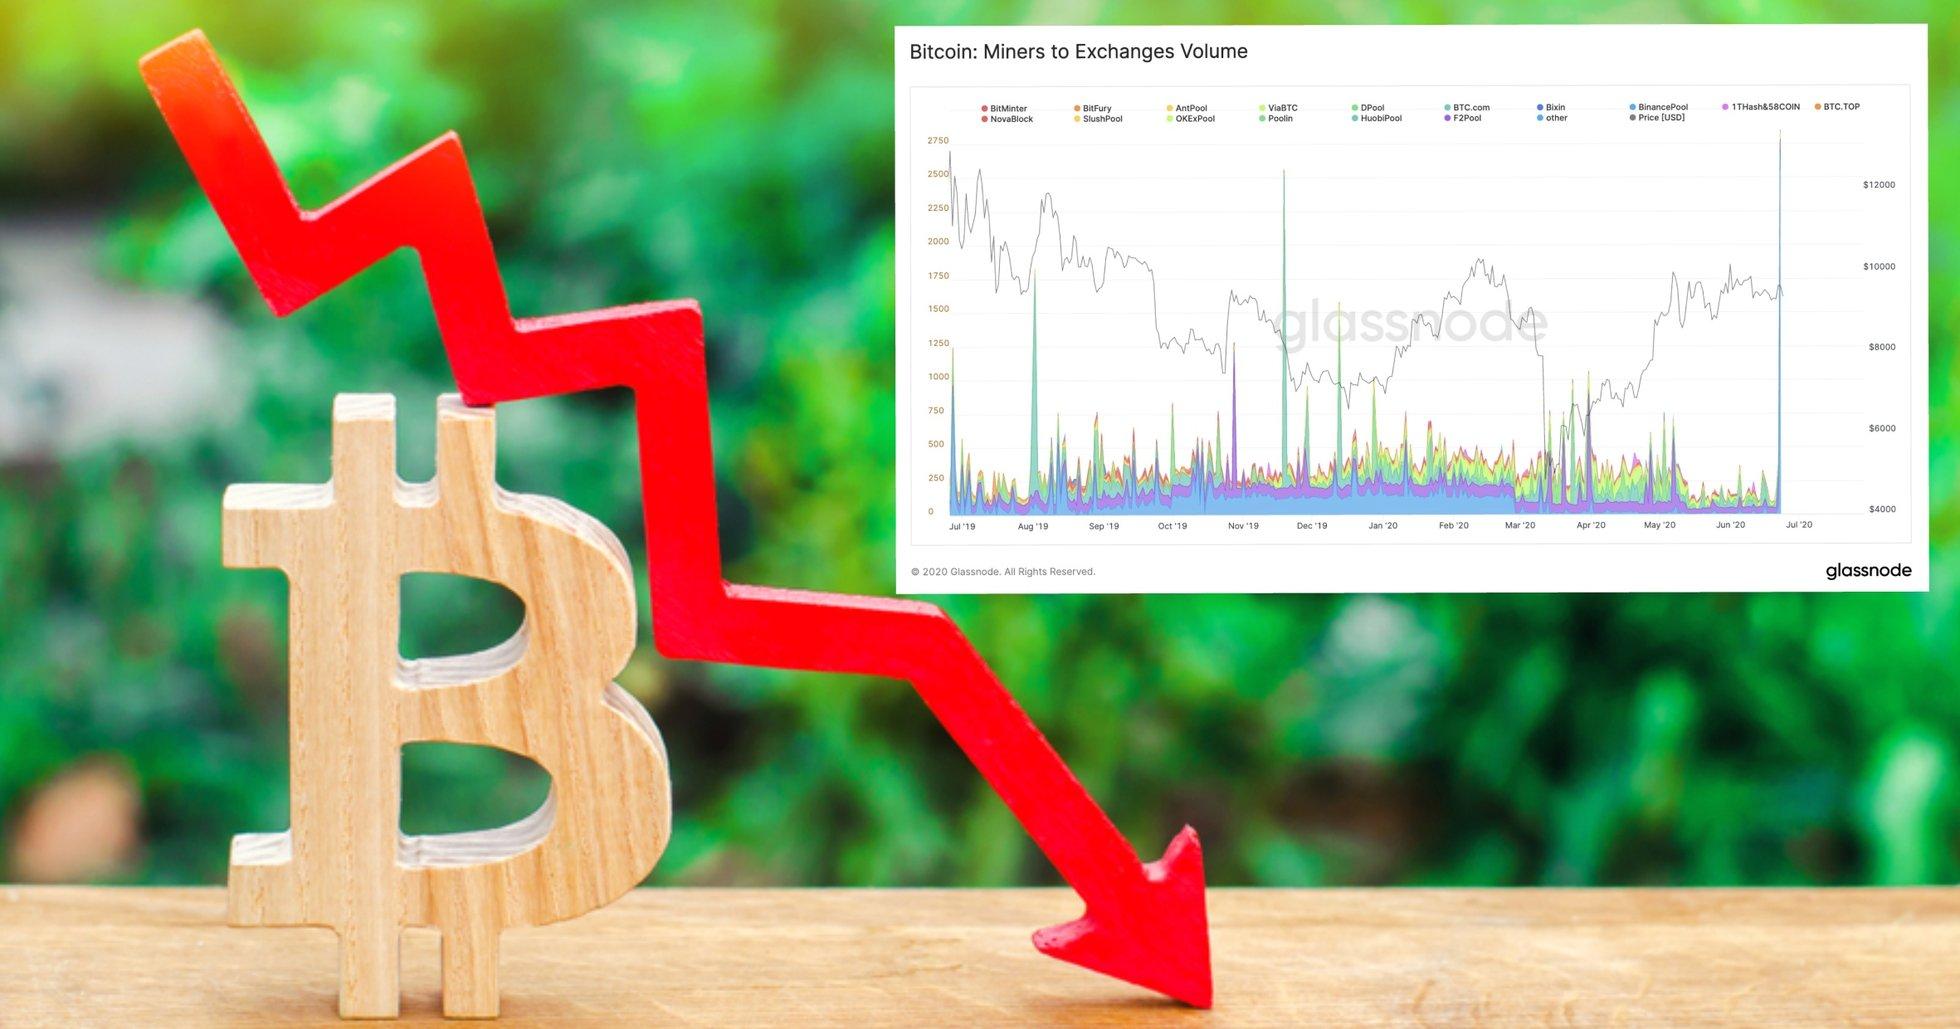 Bitcoinpriset sjönk under 9 000 dollar – efter miner-försäljning och börstapp